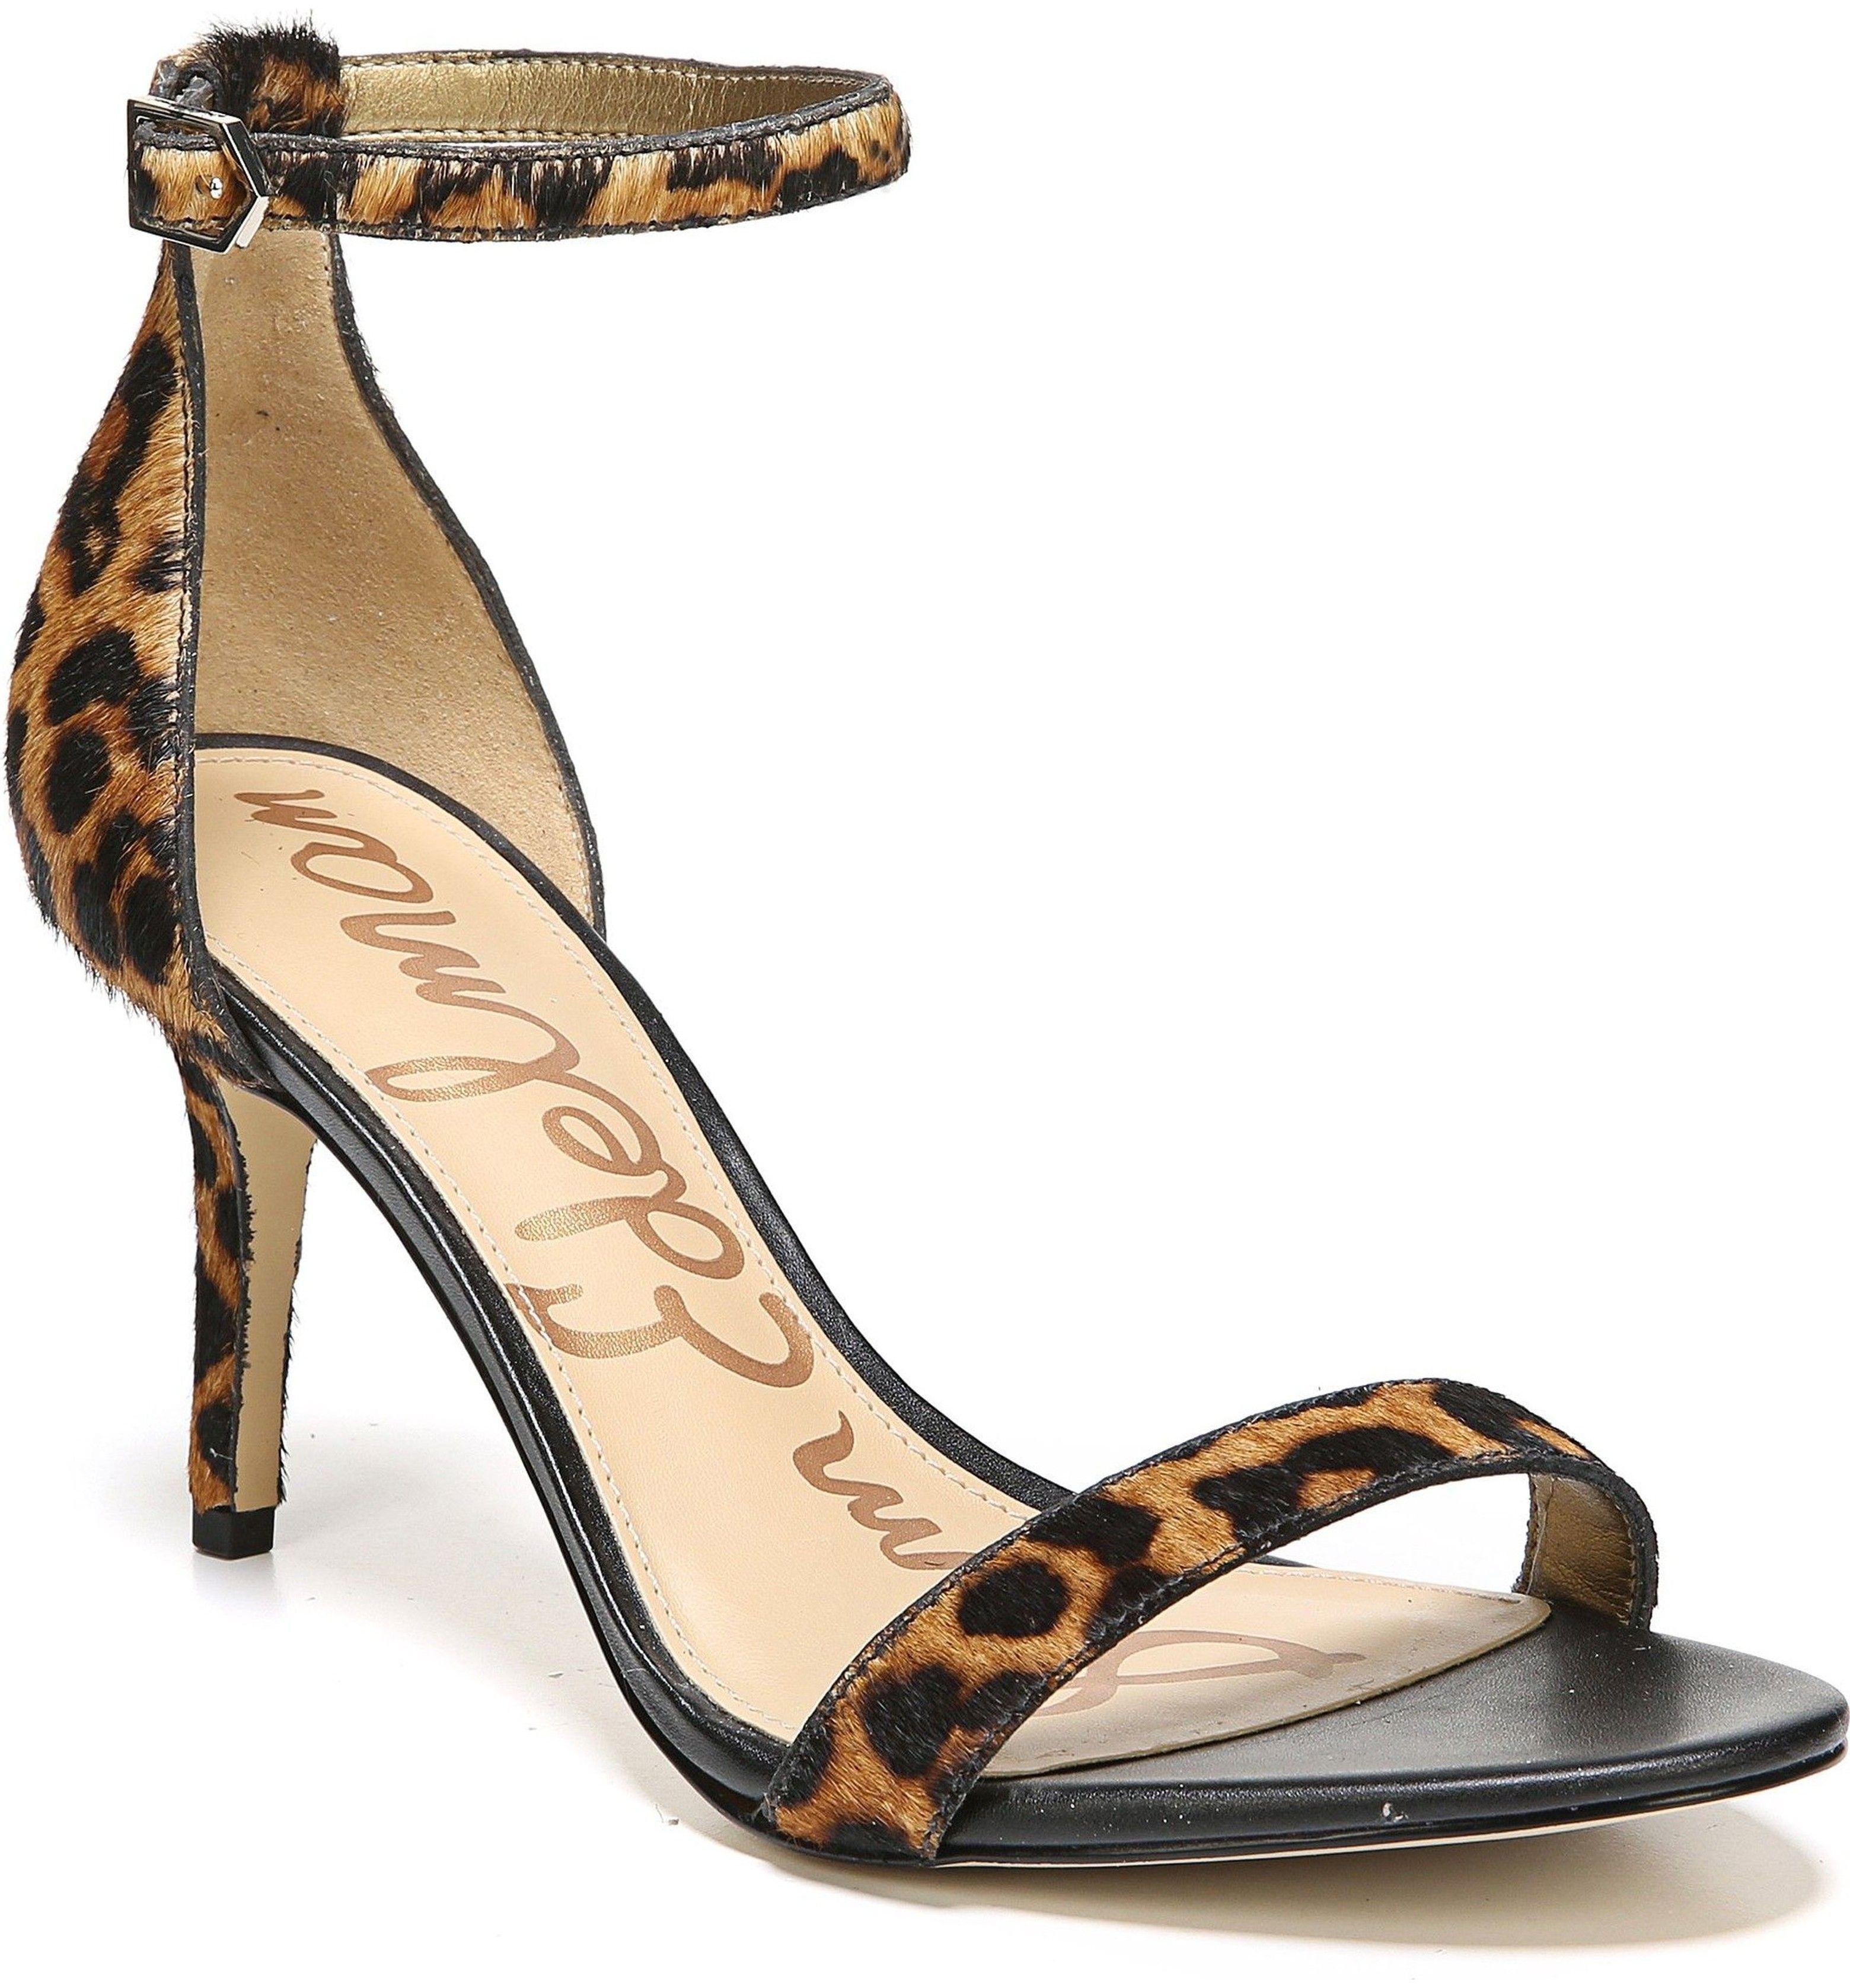 a0bedaa3b31496 Main Image - Sam Edelman  Patti  Ankle Strap Sandal (Women)